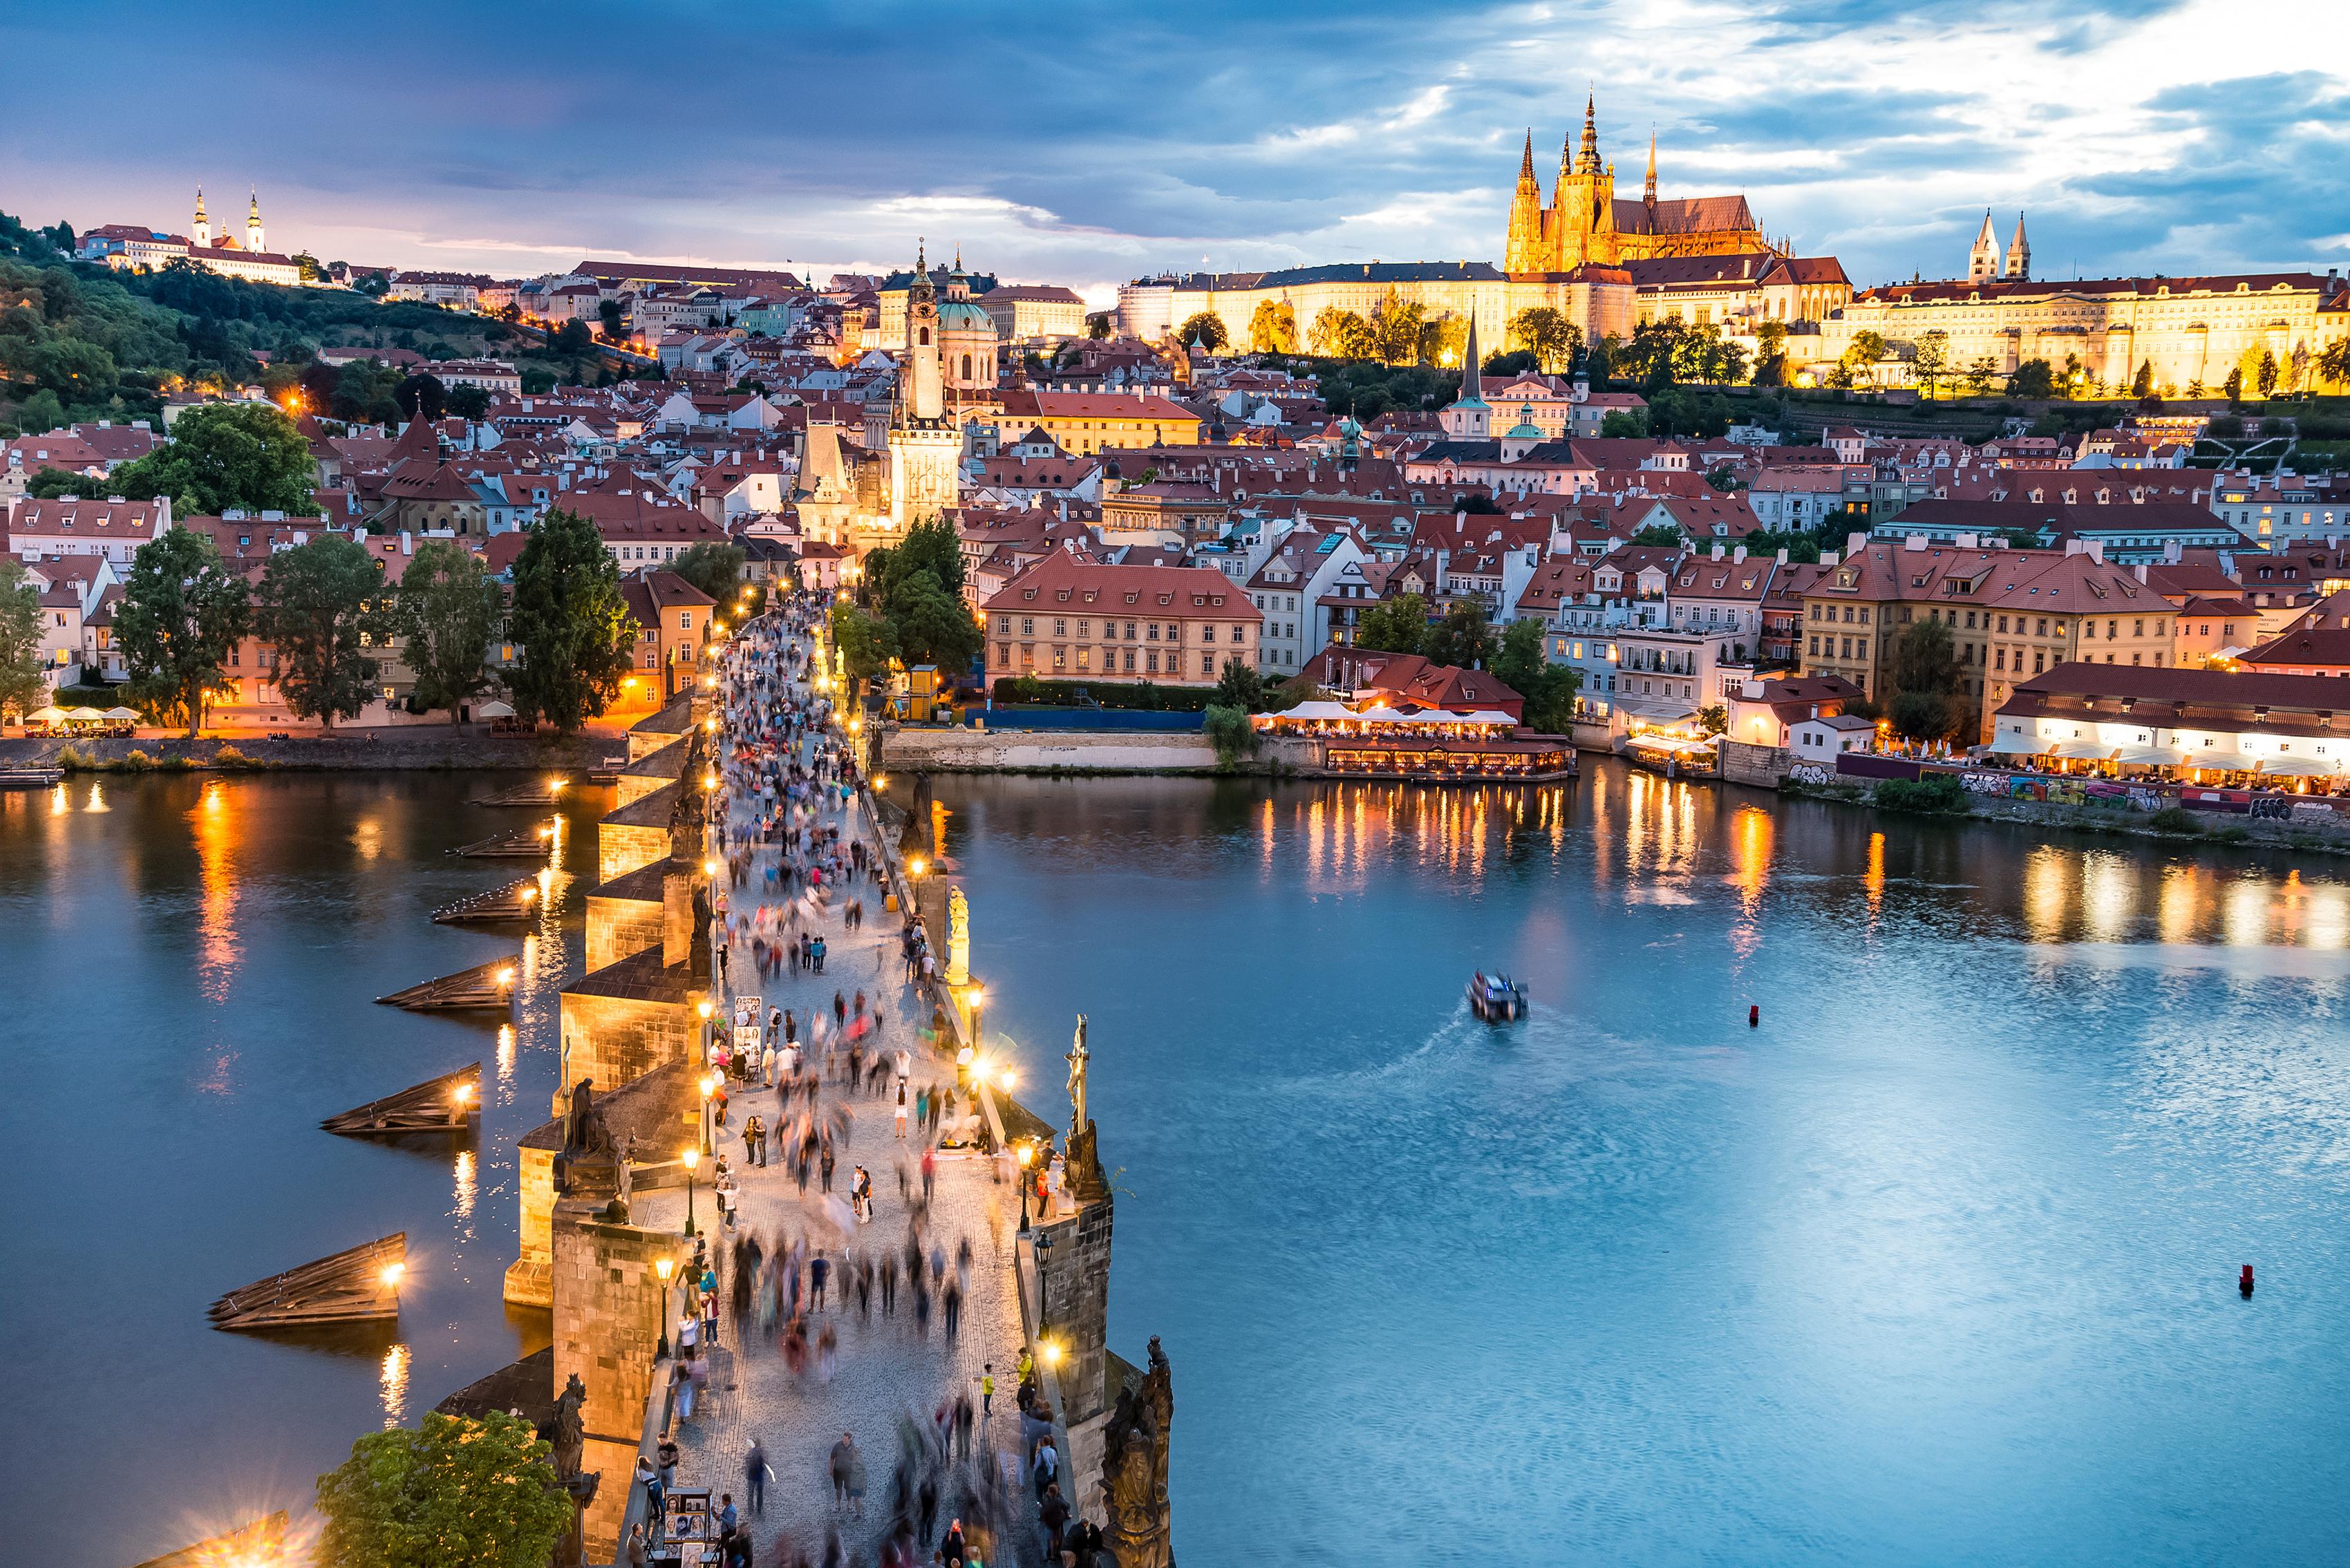 Frota los pies del santo y llévate un poco de la suerte de Praga - República Checa Circuito Capitales Imperiales: Praga, Viena y Budapest